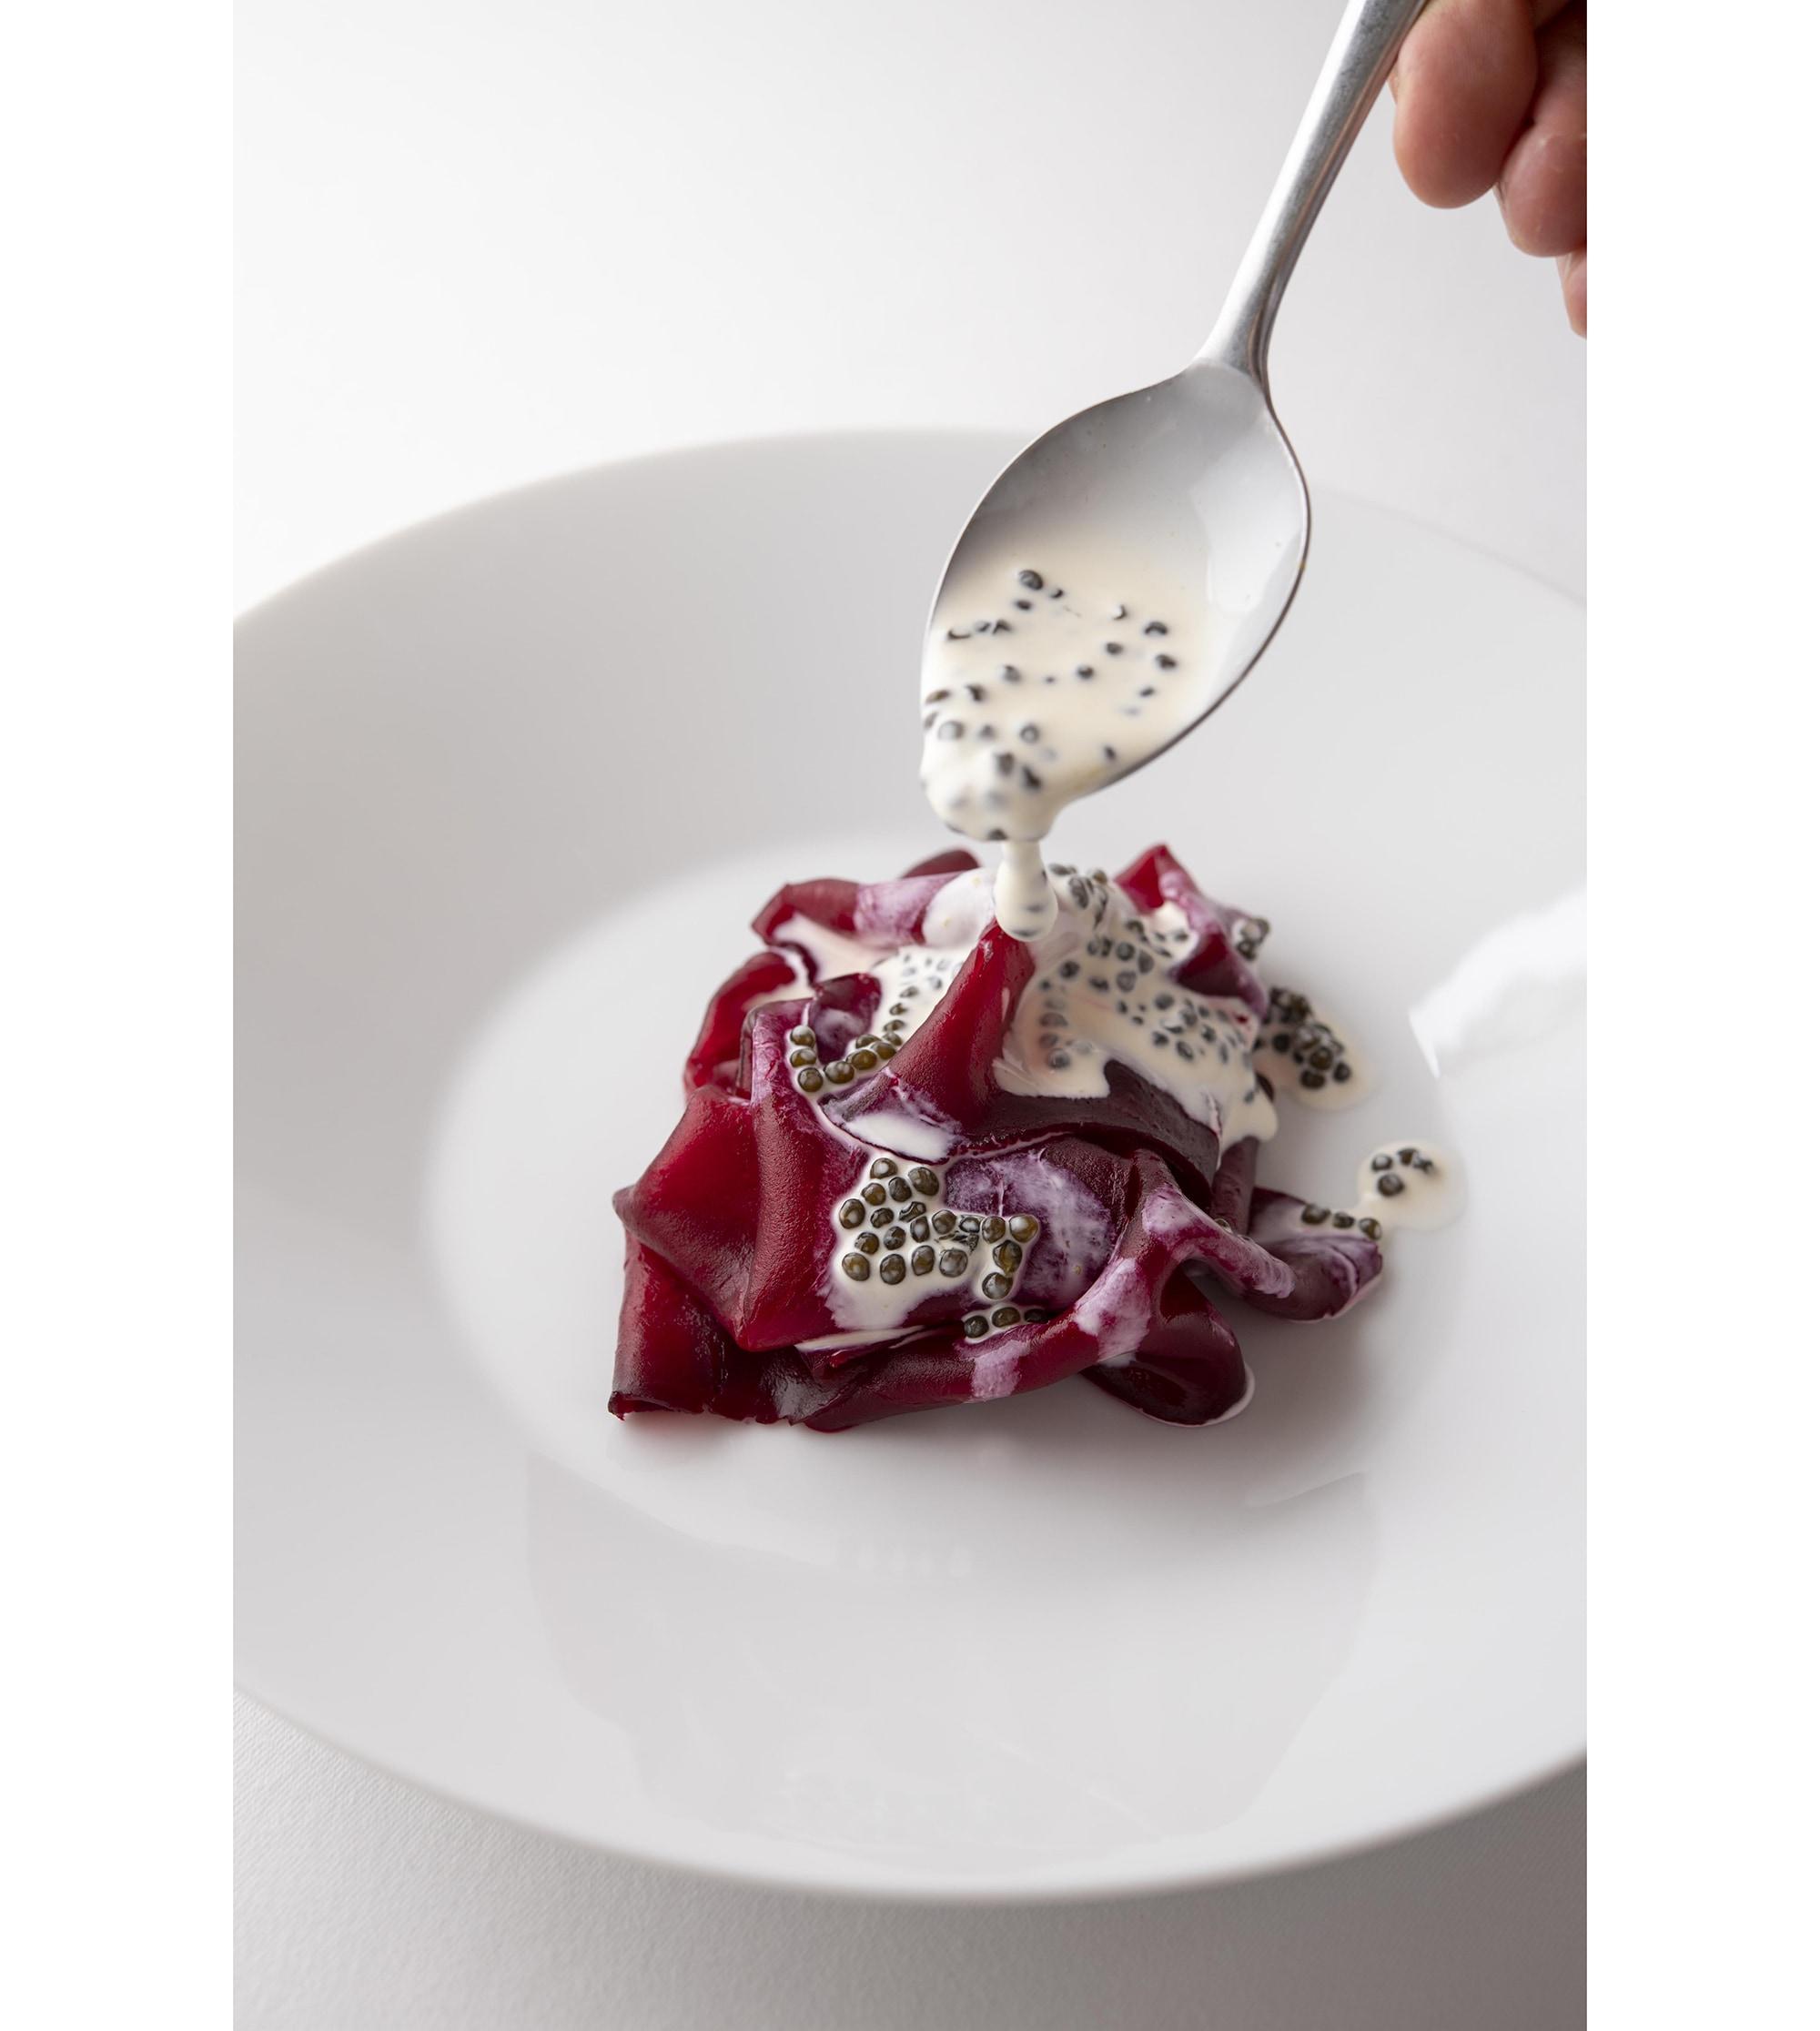 ミラズールのシグニチャー料理である「塩釜で焼いたビーツ 生クリームとクリスタルキャビアのソース」(前編のトップ画像はマントン・ミラズールで提供されている料理)。こちらは日本のビーツを使っている。クック・ジャパン・プロジェクトより。